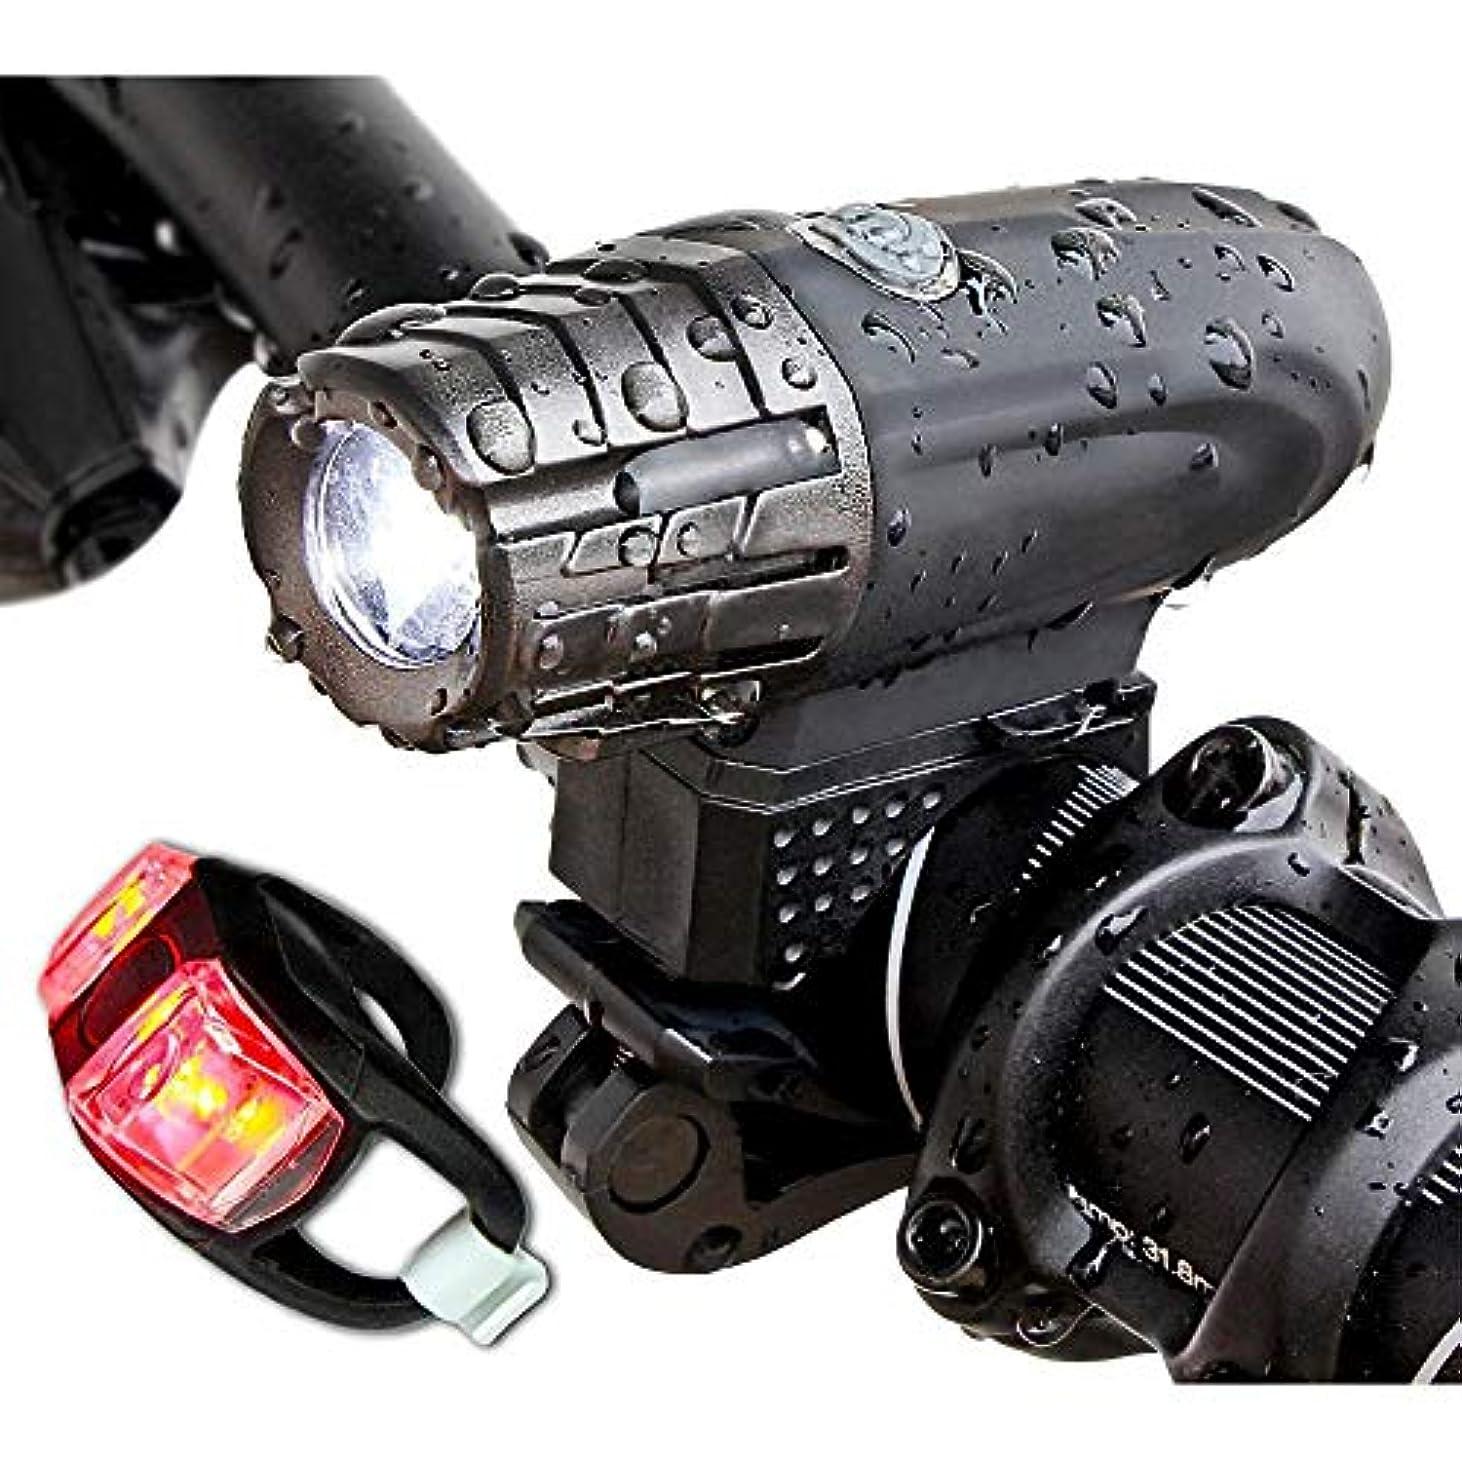 村情熱的フルーツ野菜KTH USB充電式自転車ライトセット、防水LEDフロント&バックリアライト、スーパーパワフルルーメン自転車ヘッドライト、キッズ男性女性用